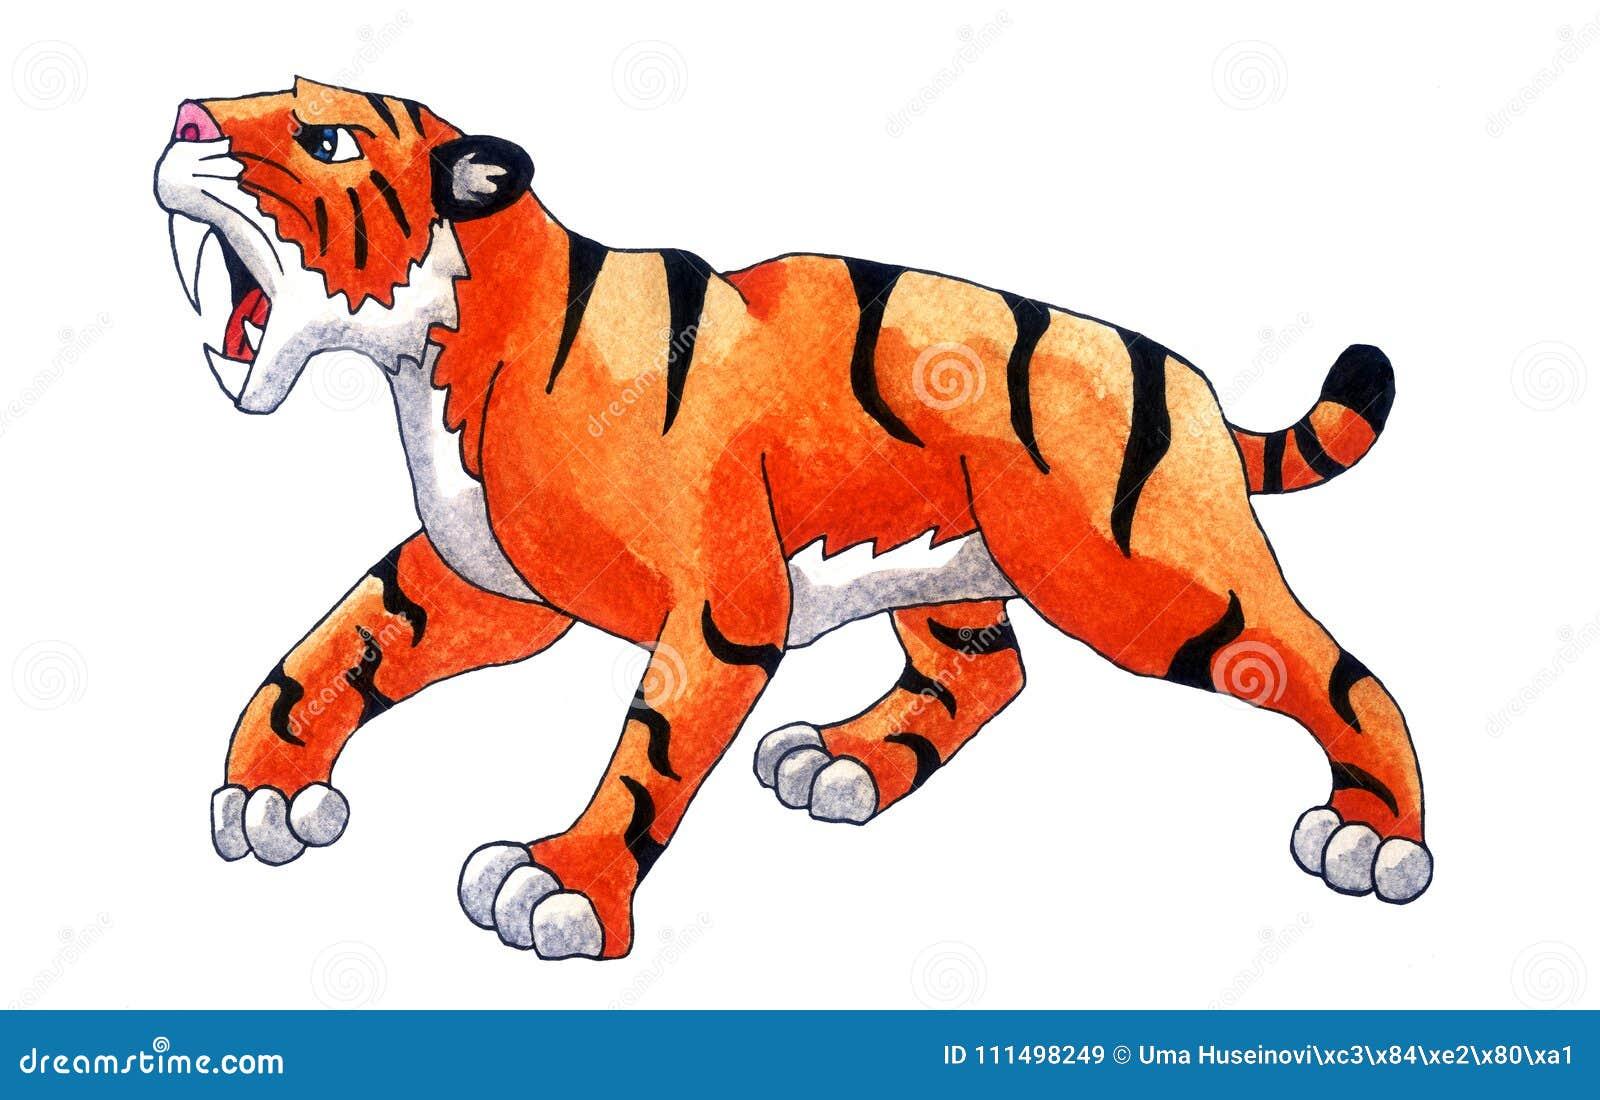 Saber zębu tygrys